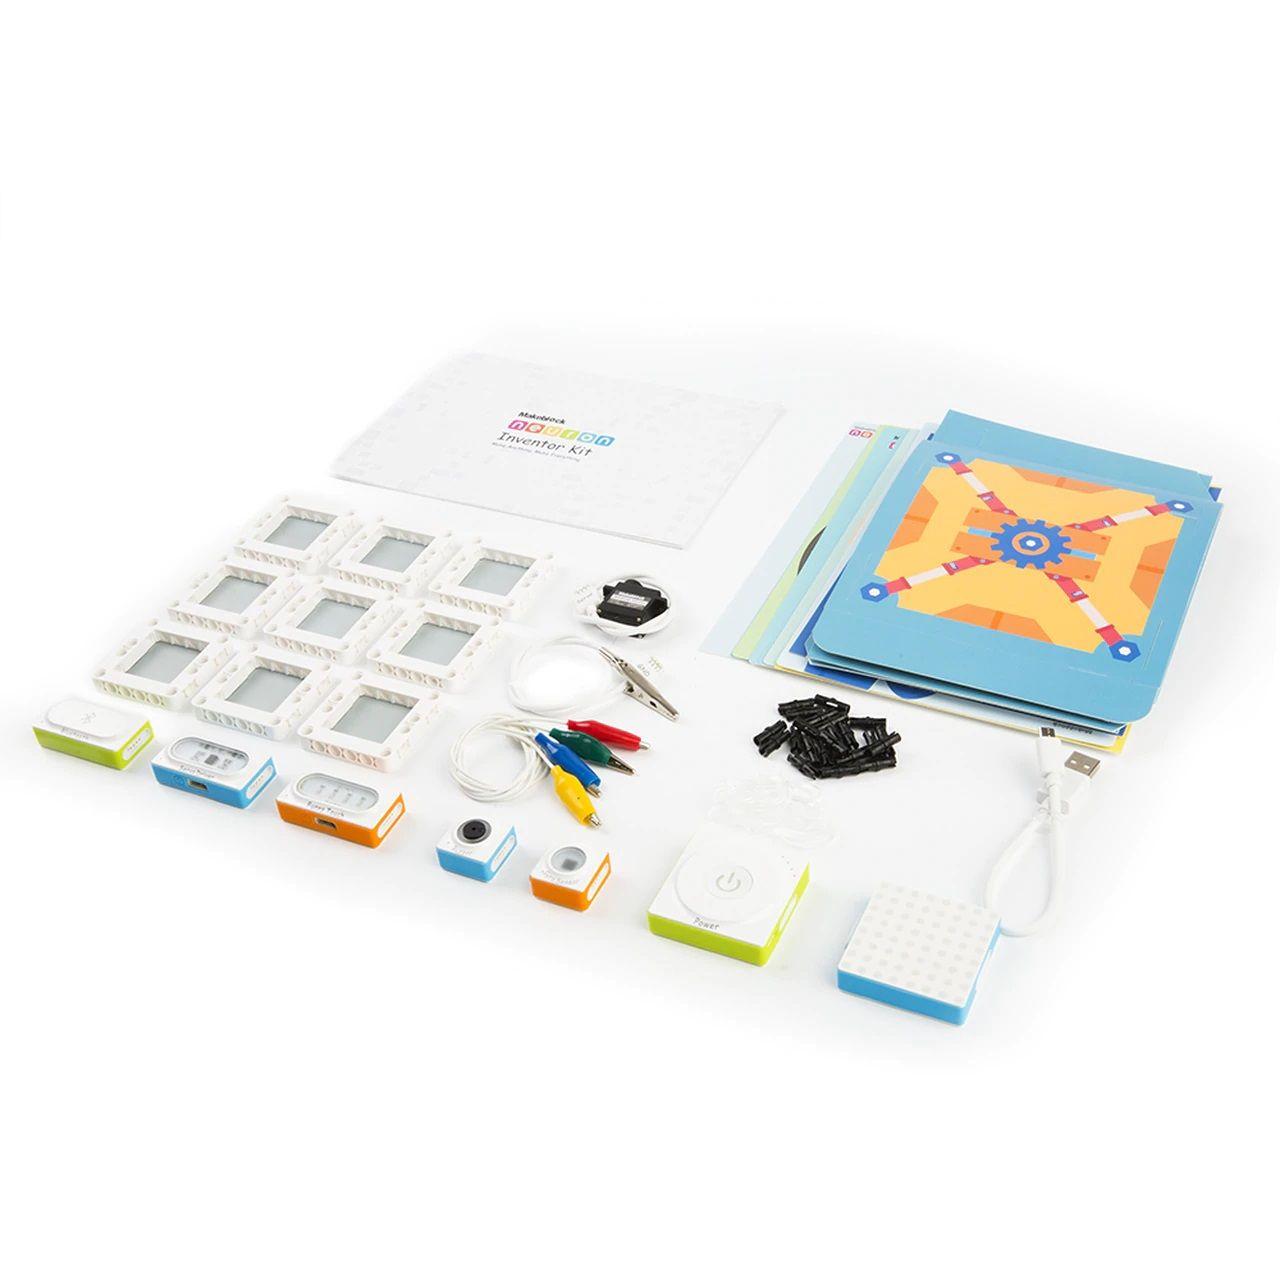 Makeblock Neuron Artist Kit